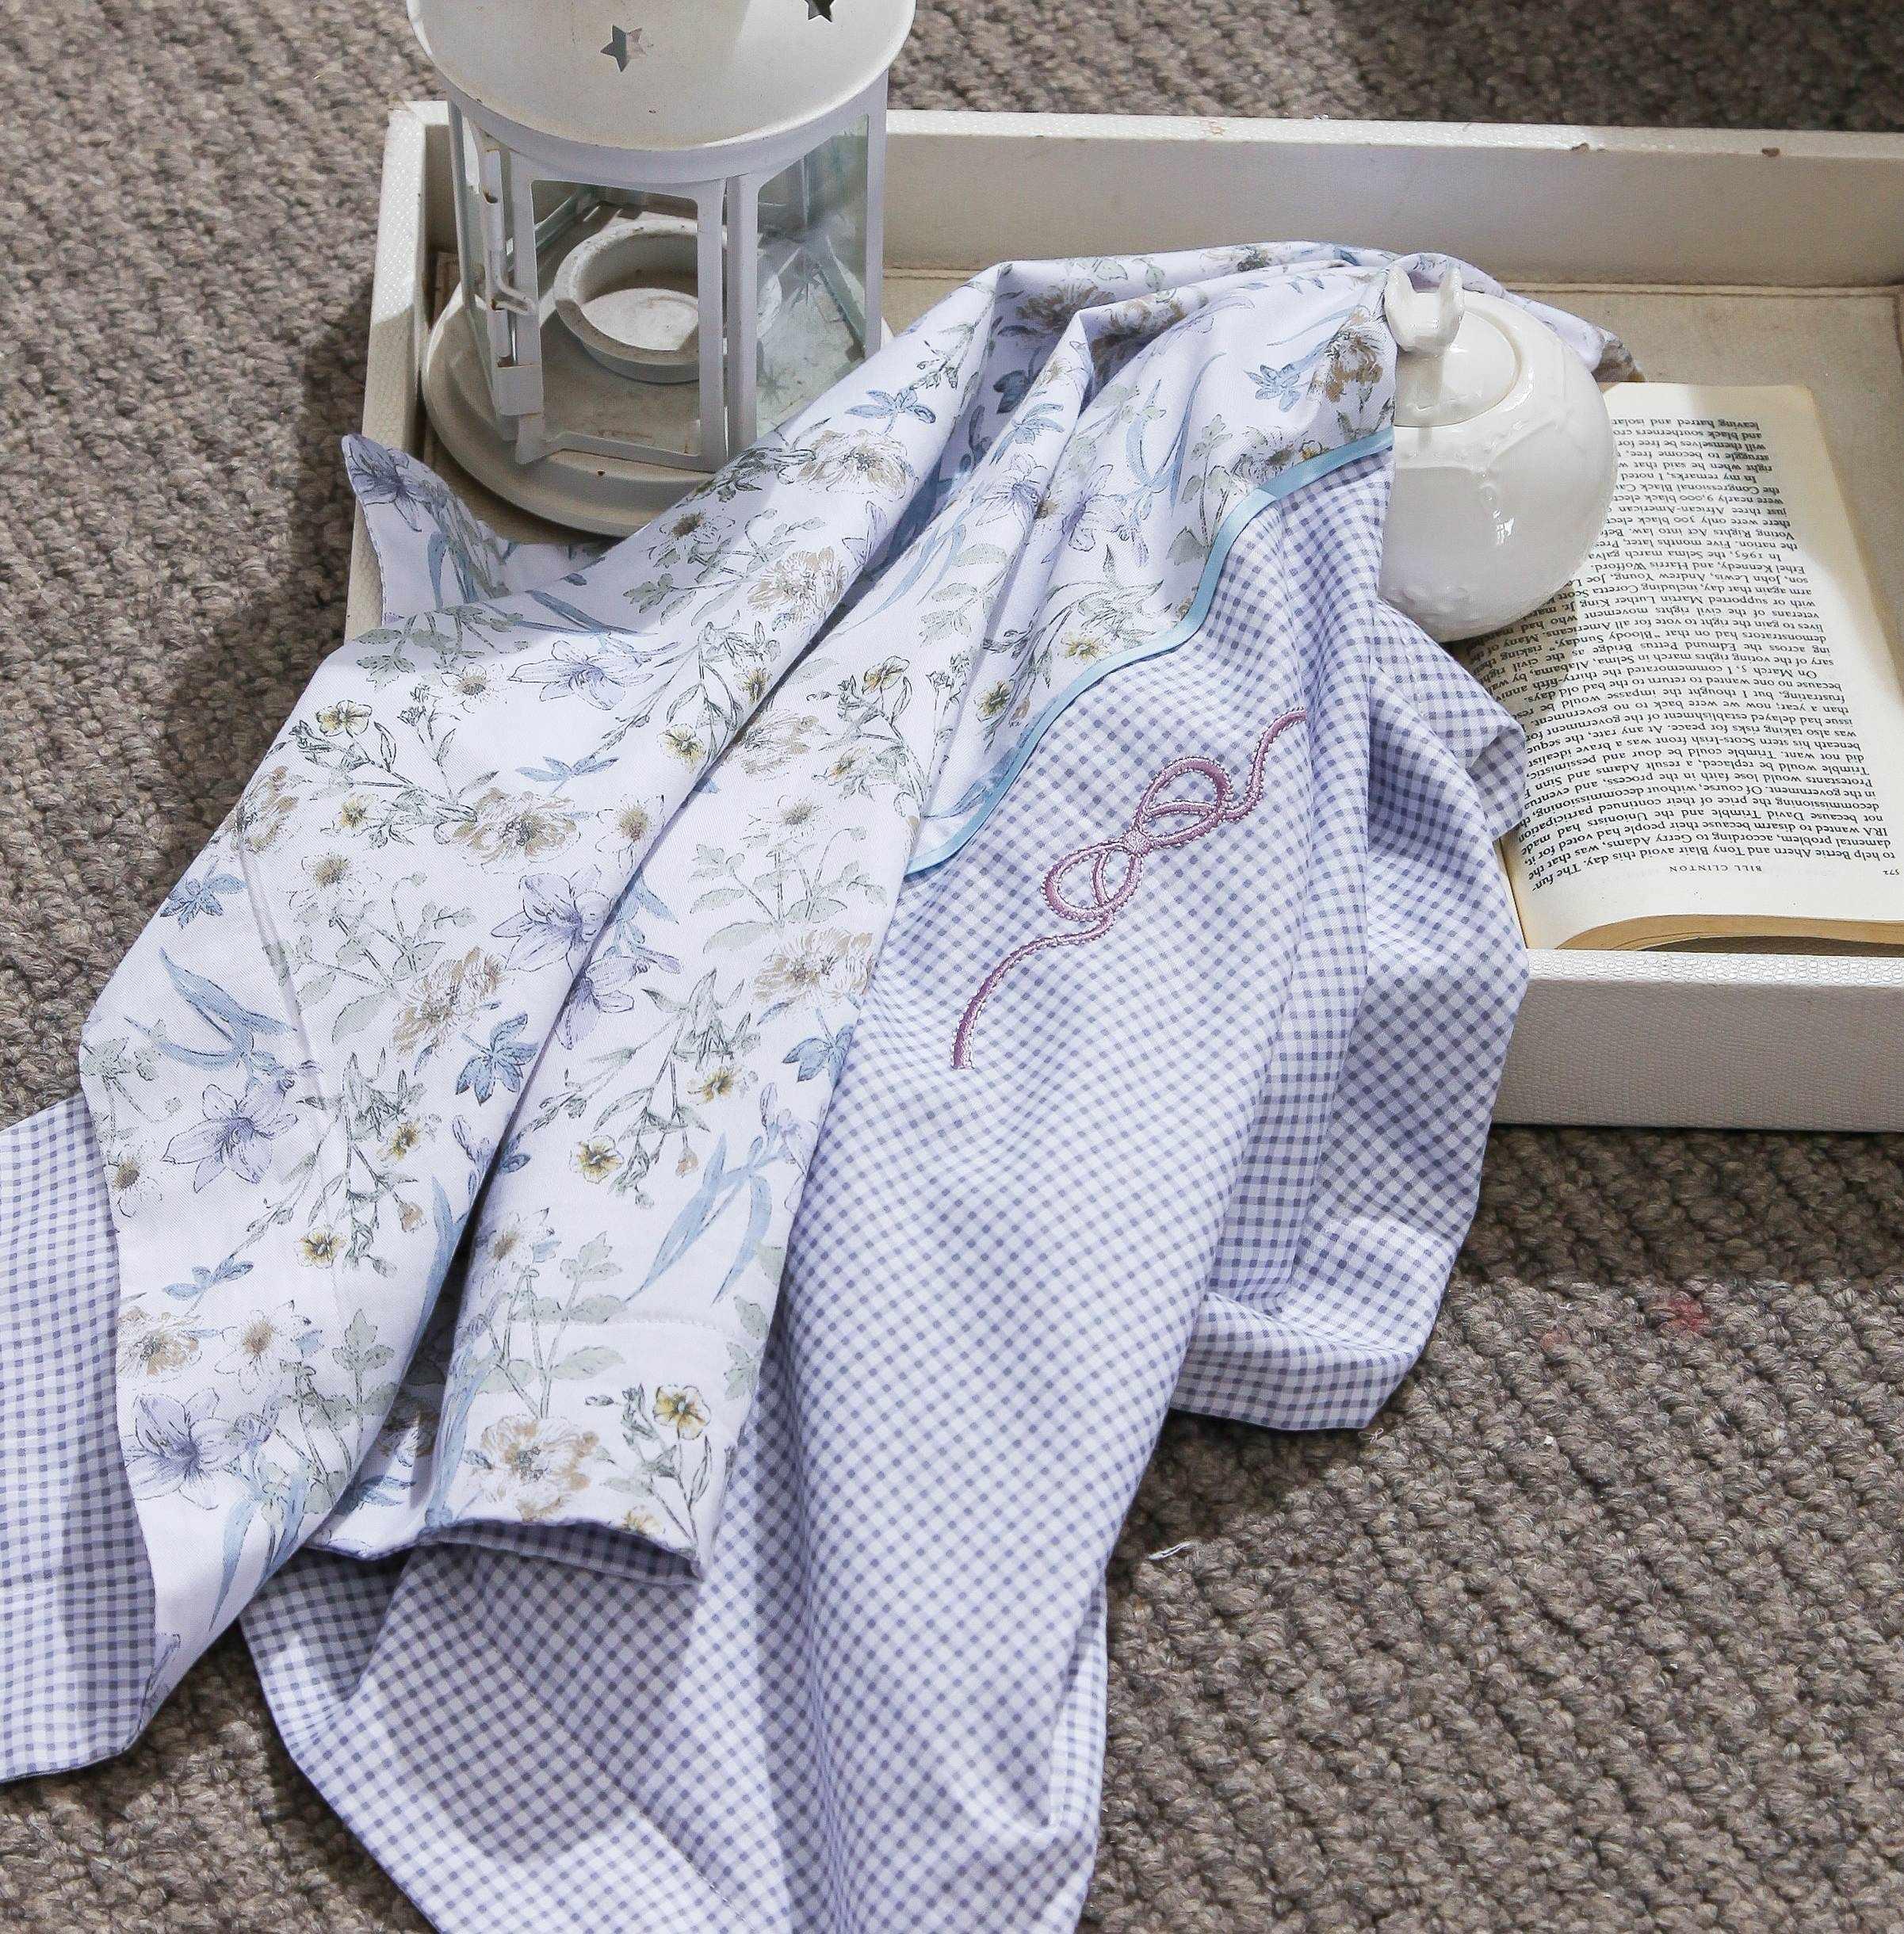 Floral Prints Cotton Duvet Cover 6880